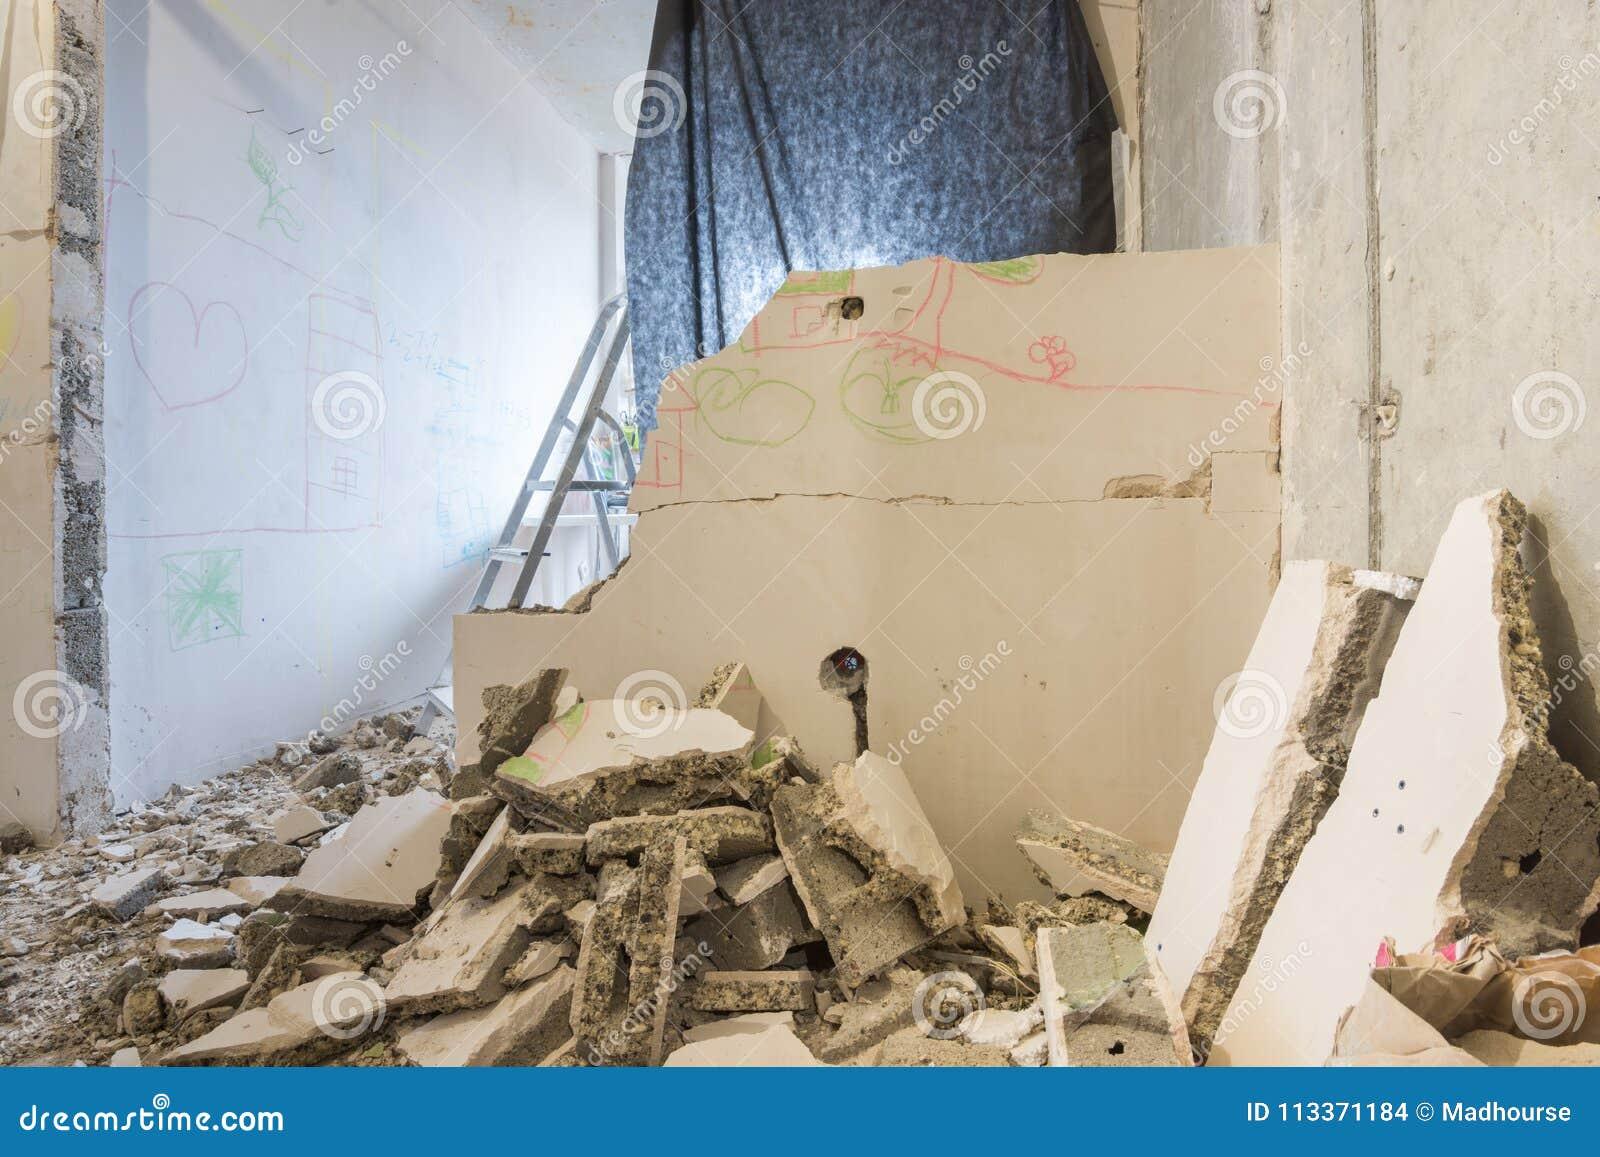 Rozebranie rozdziały w mieszkaniu, wokoło rozsypiska łamane części ściana